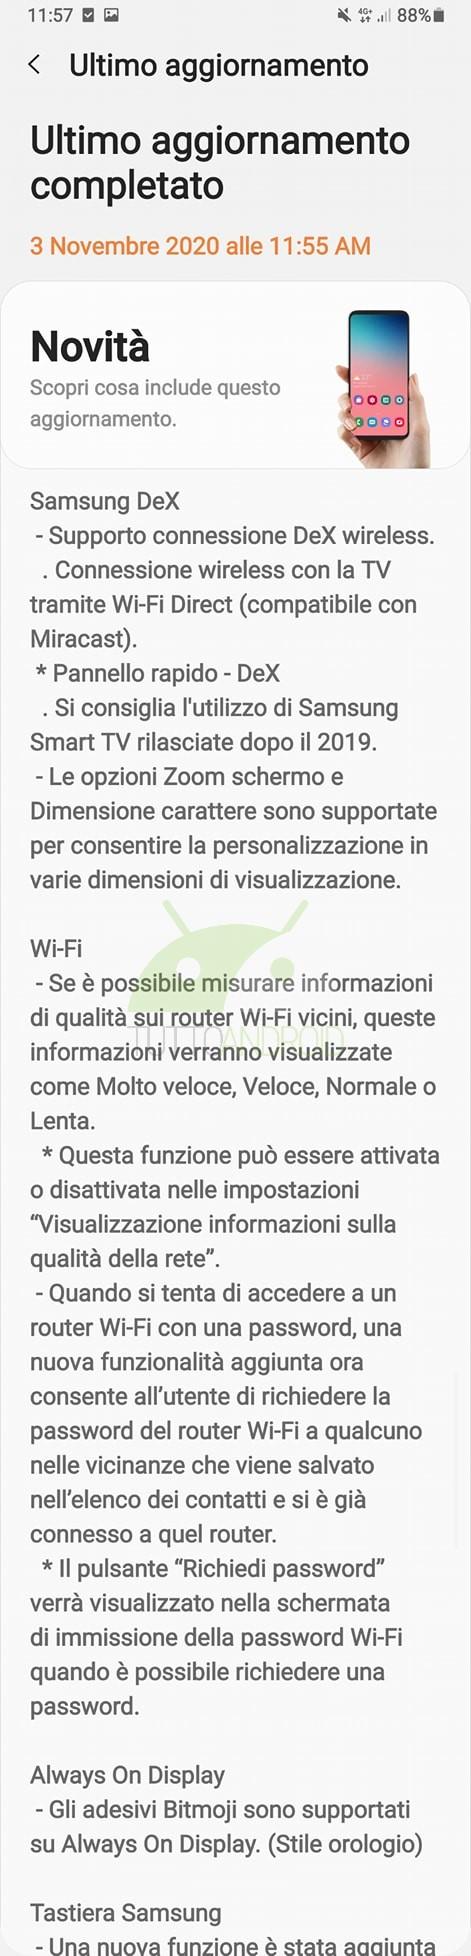 Samsung Galaxy Note 9 aggiornamento One UI 2.5